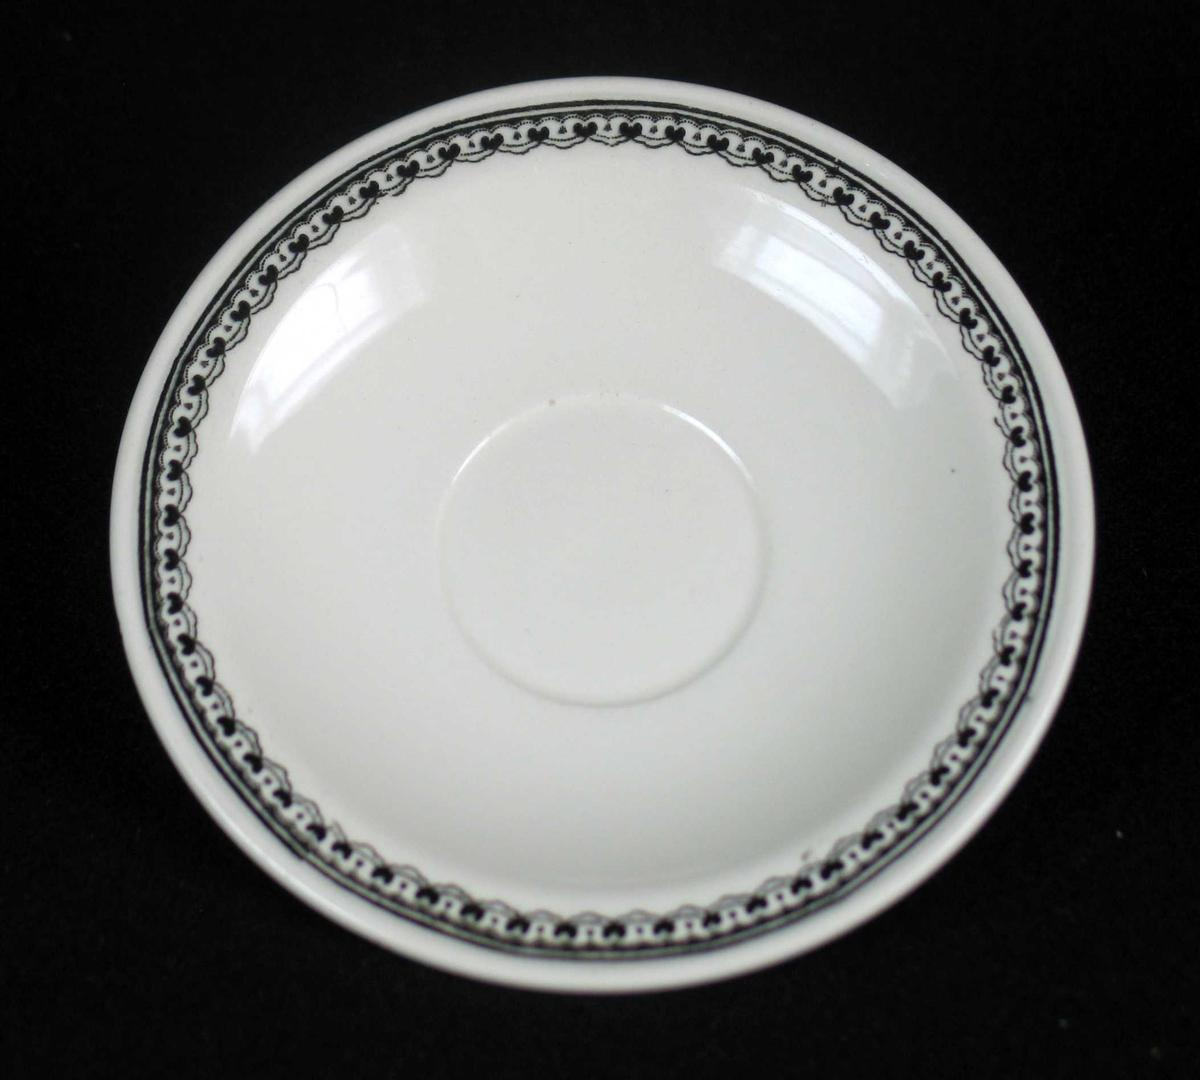 Skål i offwhite keramikk med sort dekor.